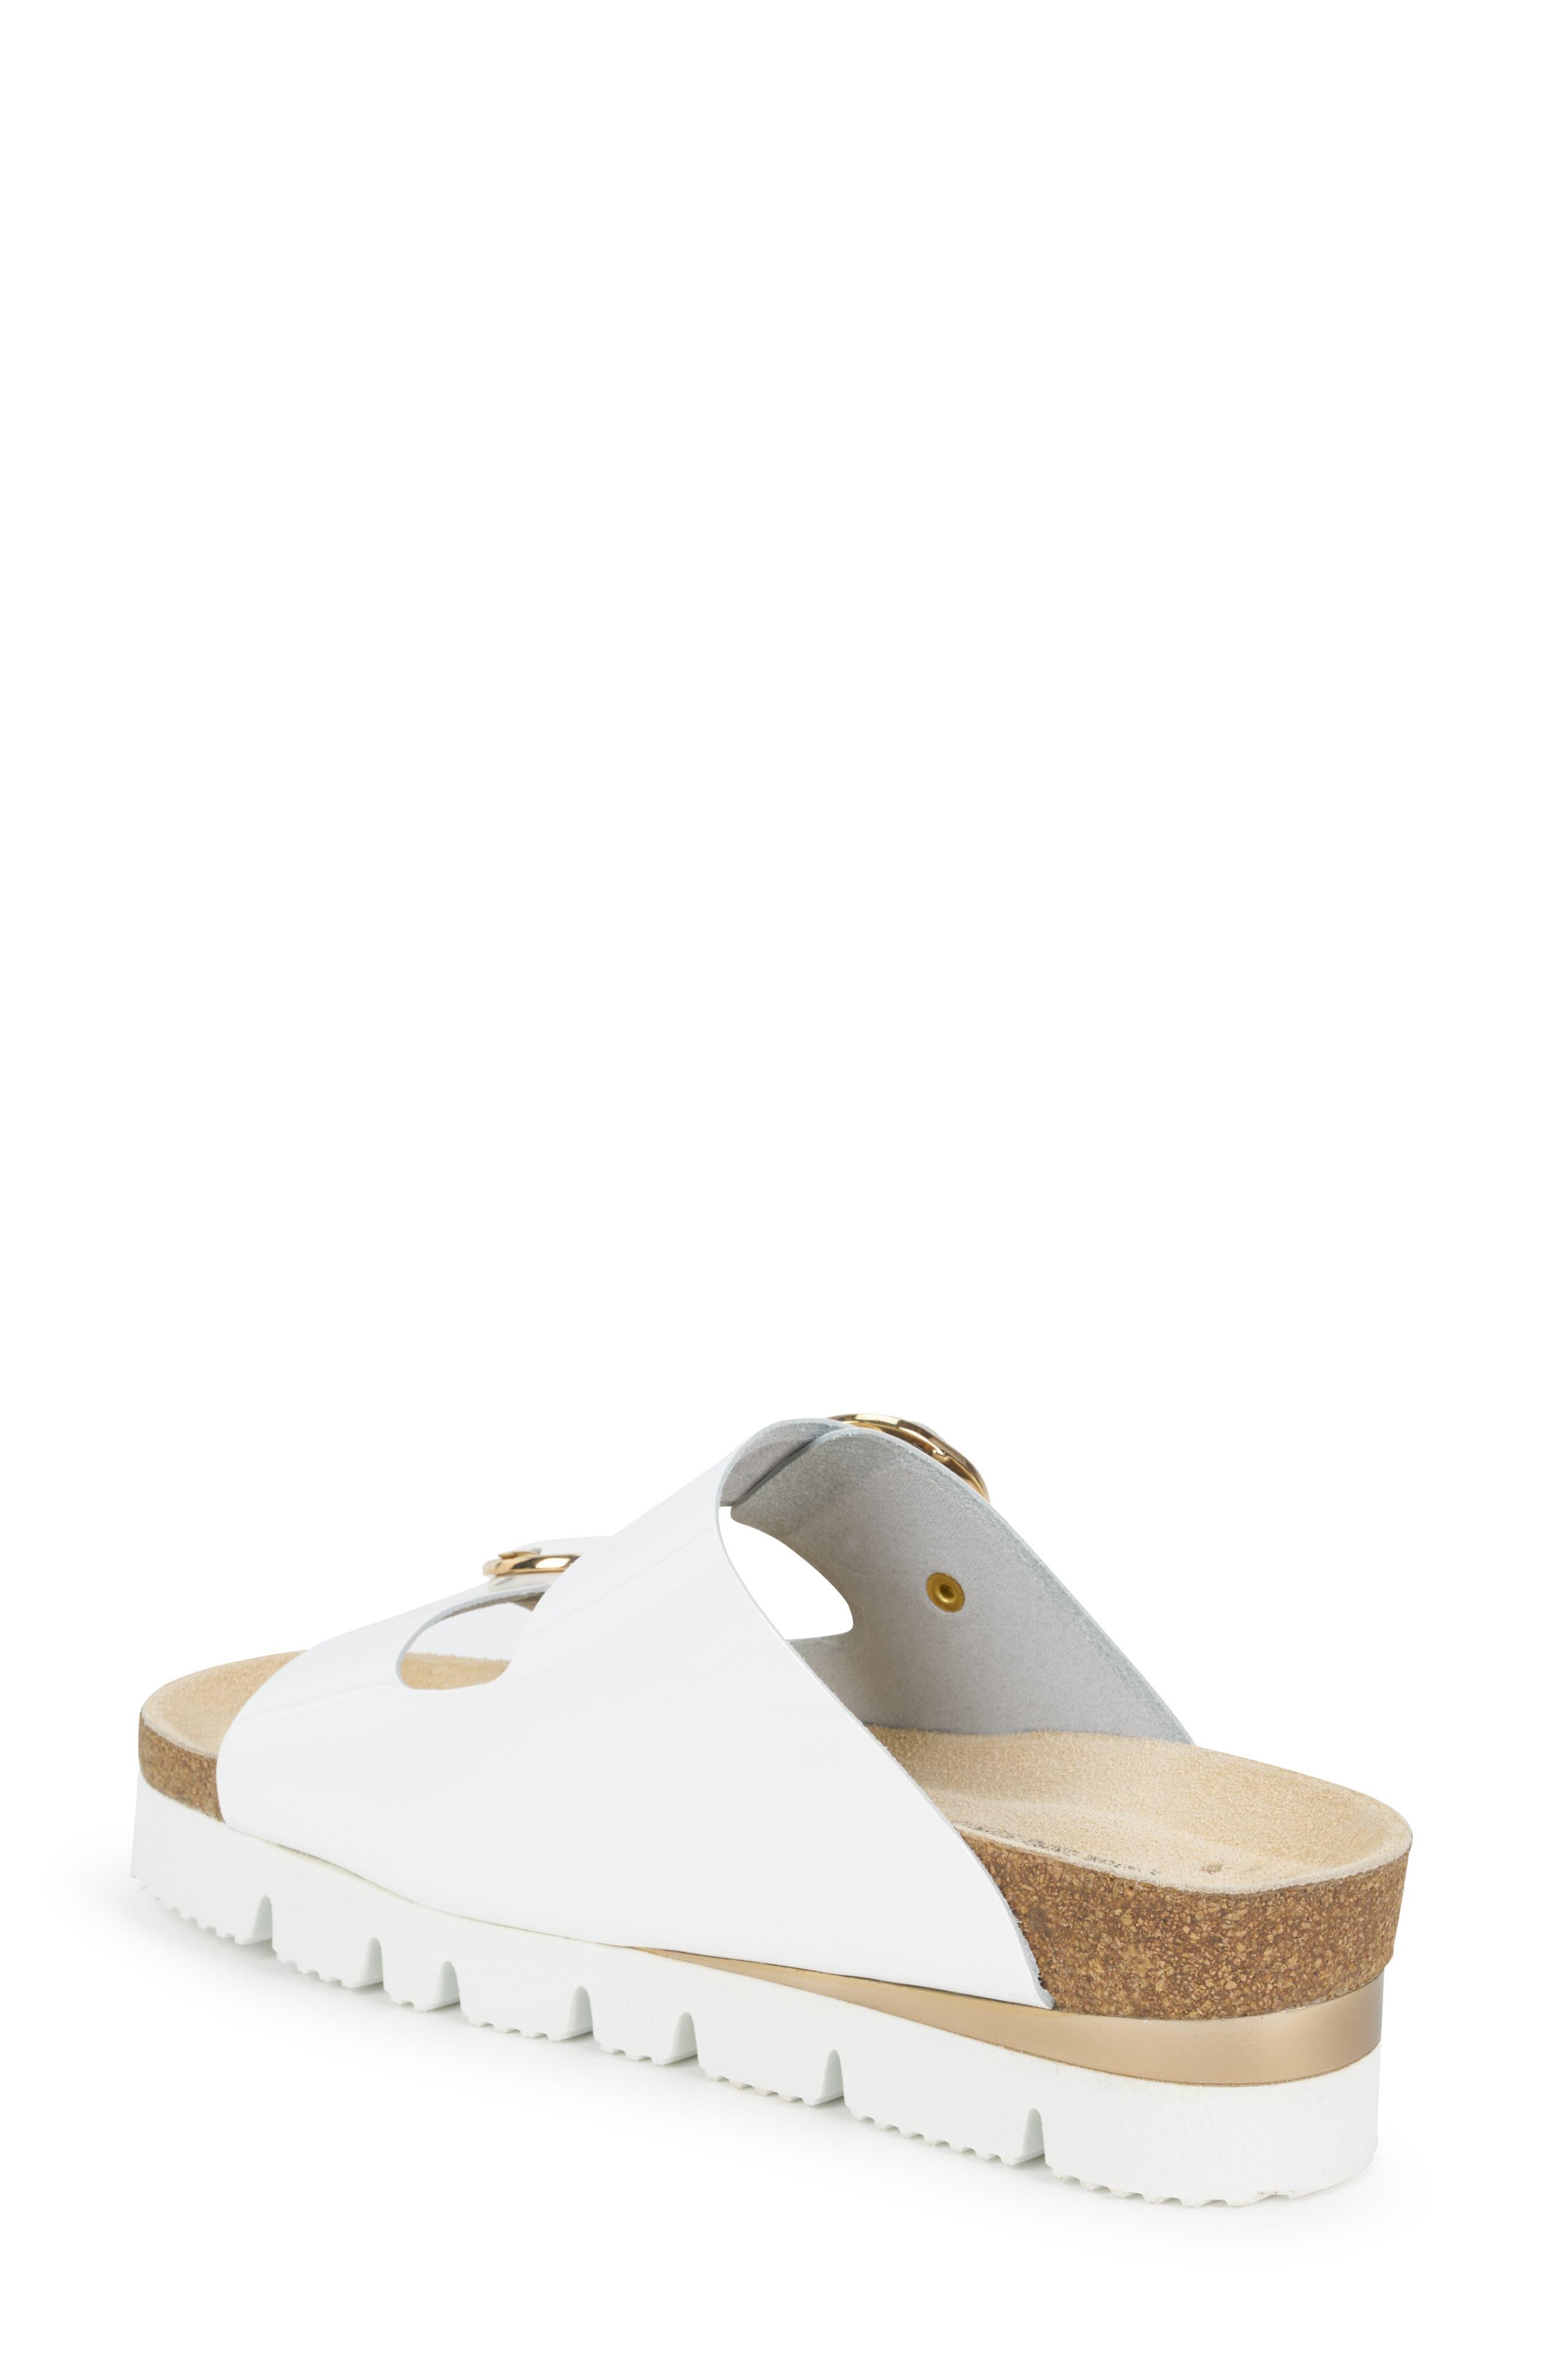 MEPHISTO, Vandy Slide Sandal, Alternate thumbnail 2, color, WHITE PATENT LEATHER